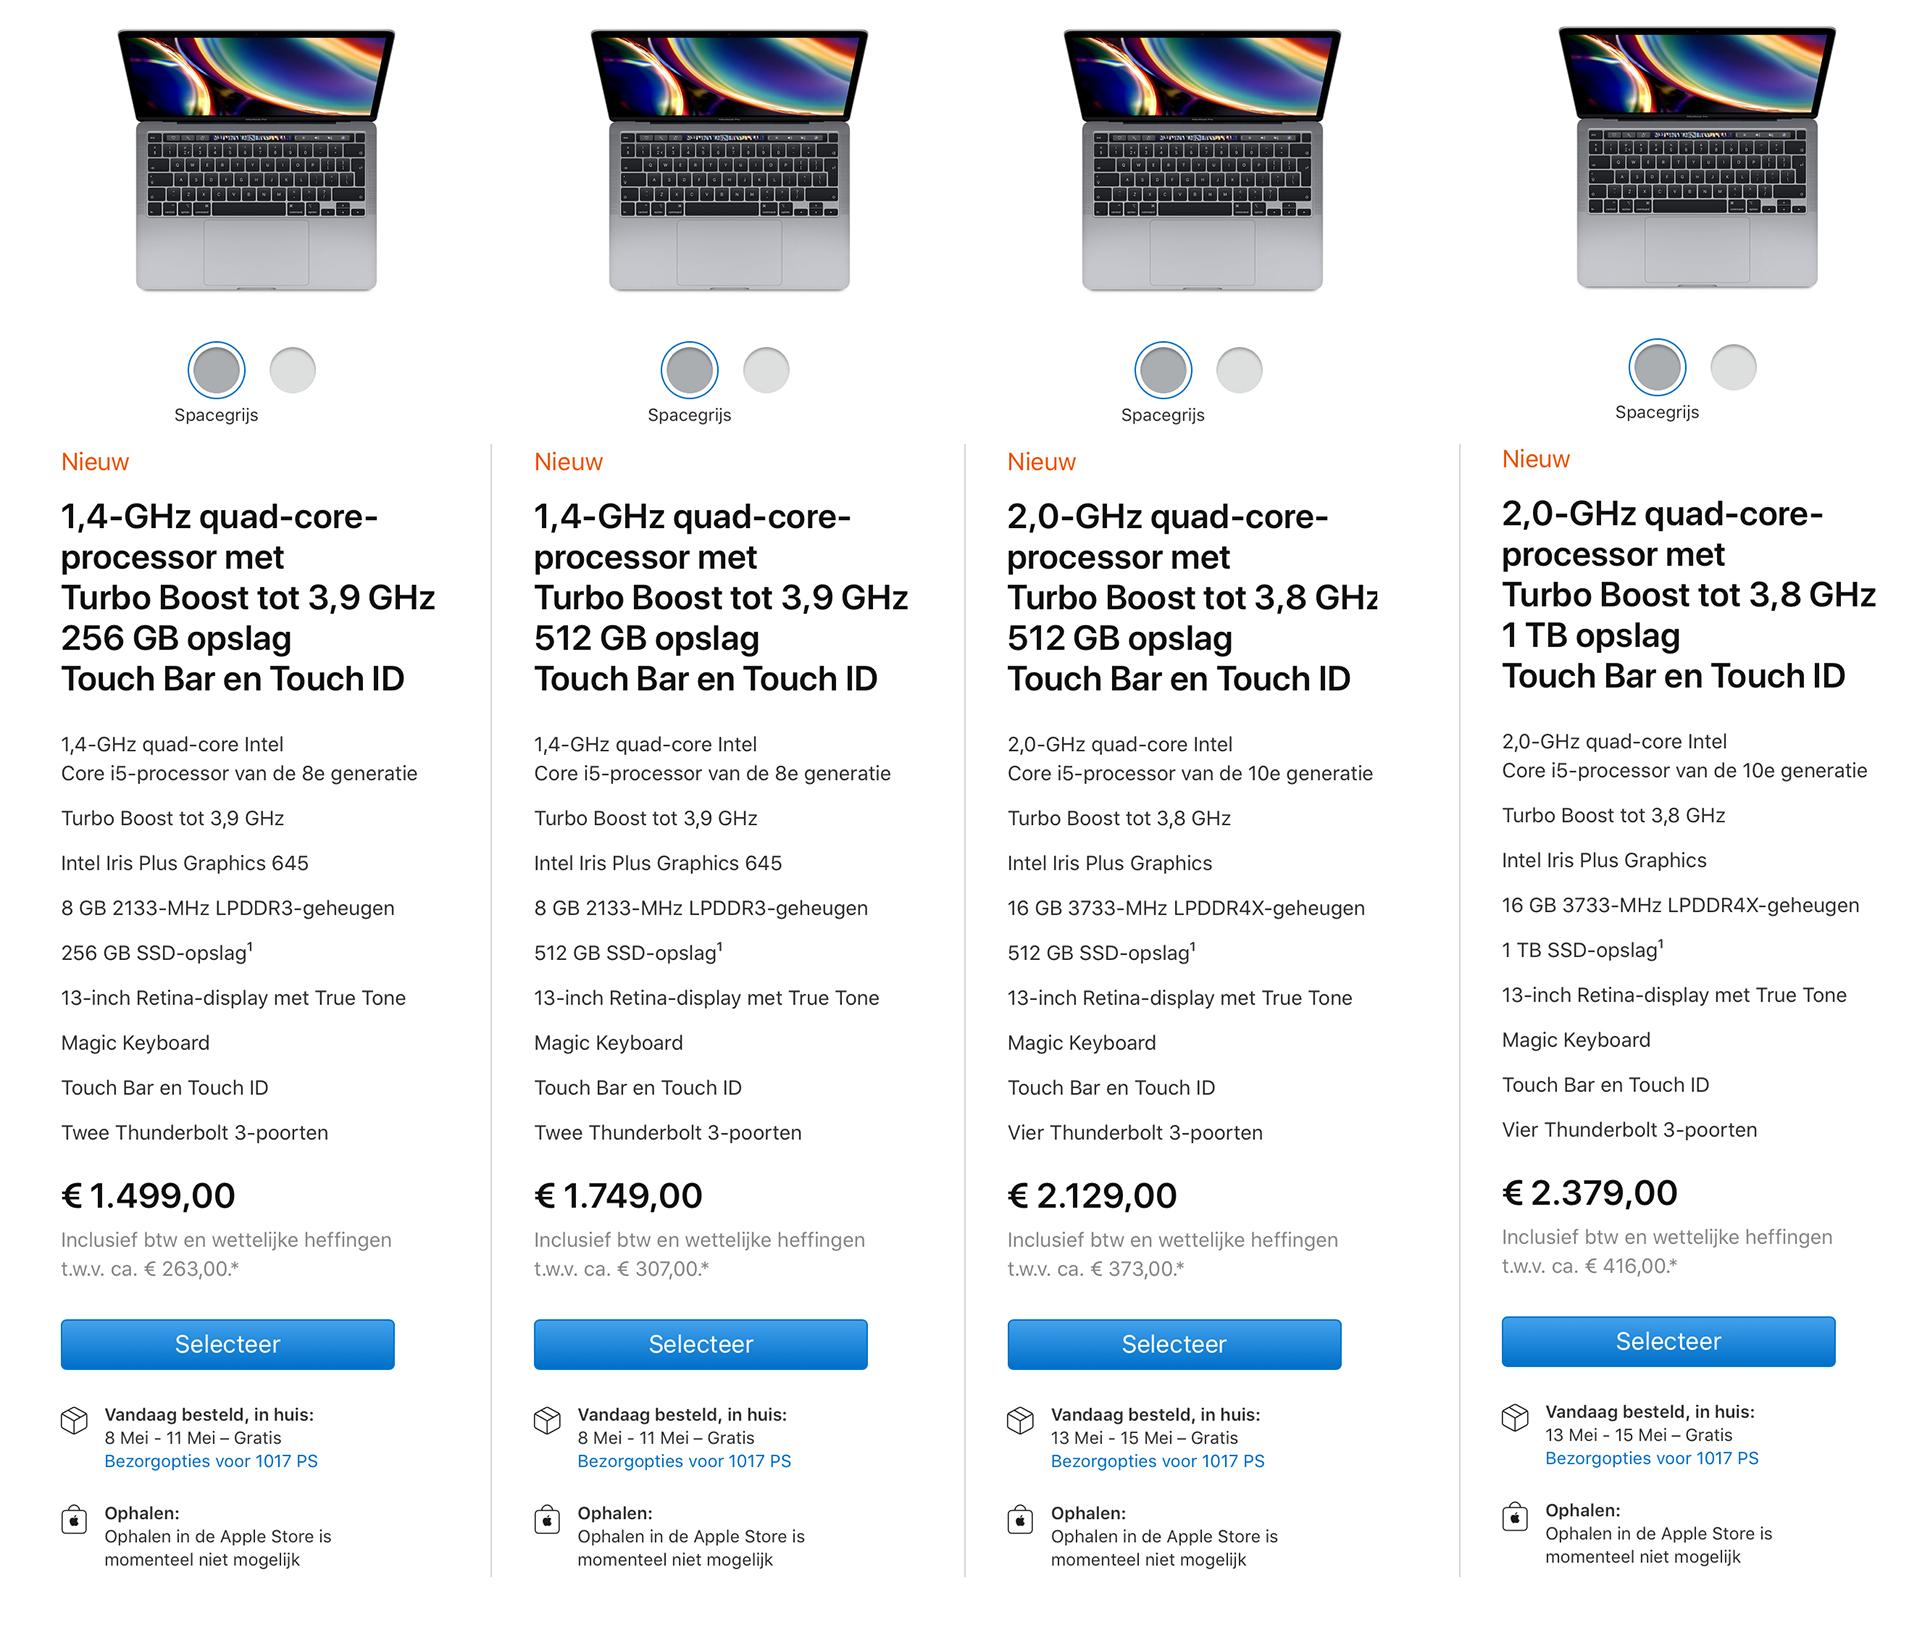 """MacBook Pro 13"""" - 2020 line-up"""